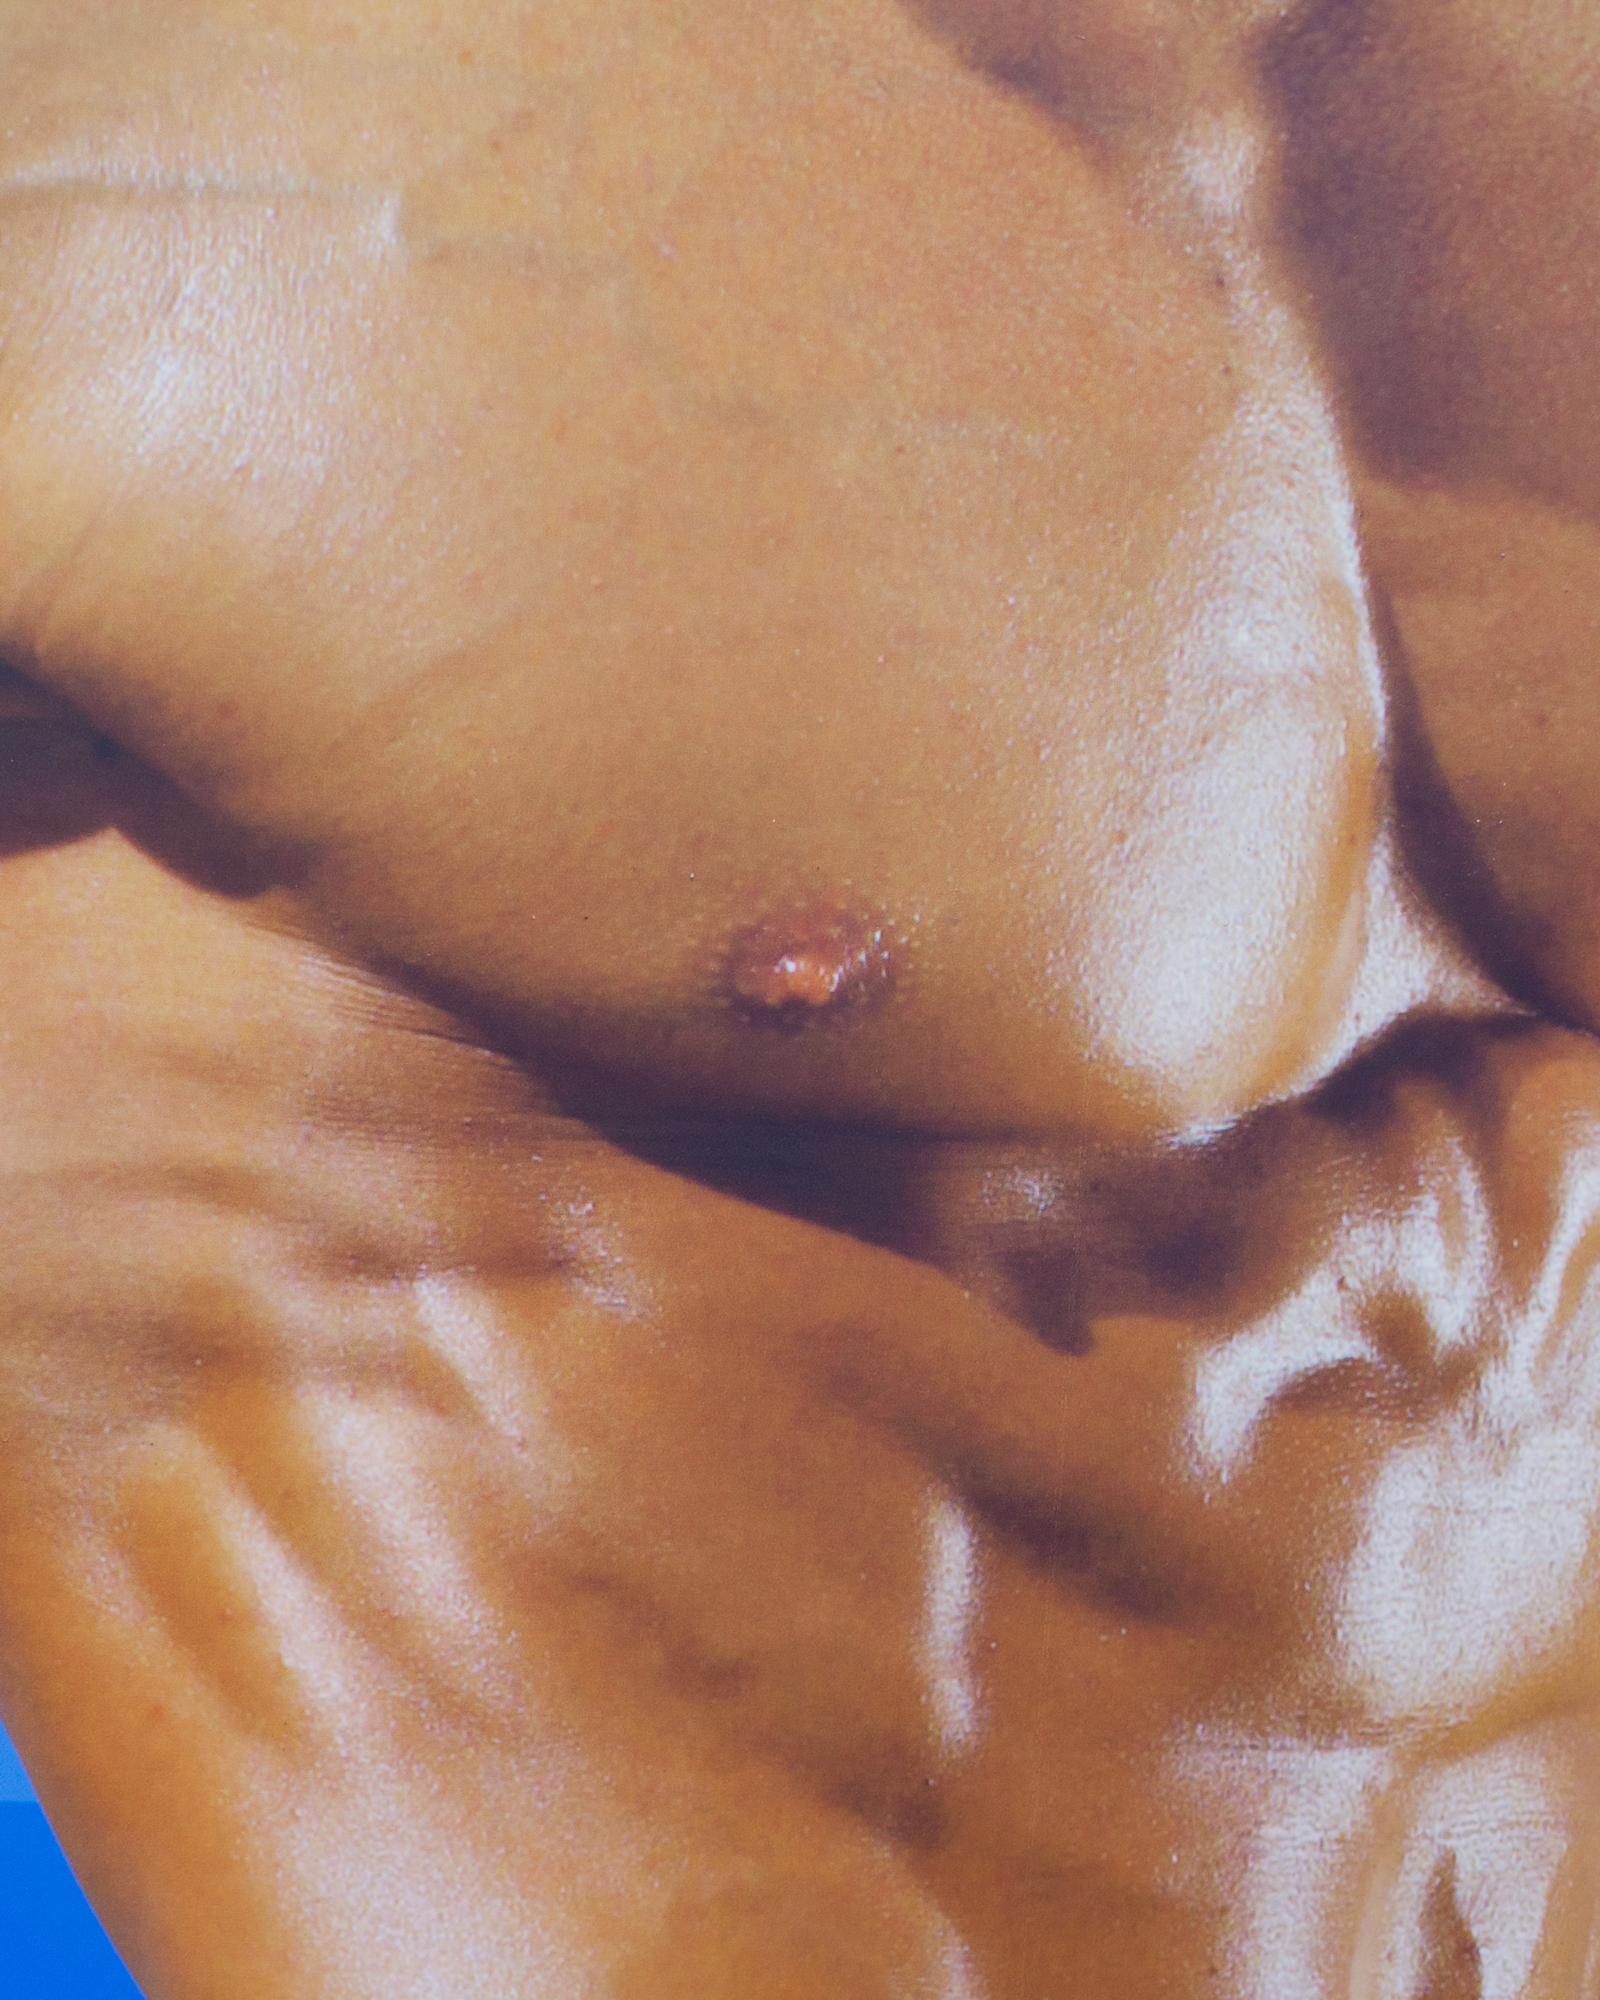 sophie_gladstone_peripheral_nipple.jpg